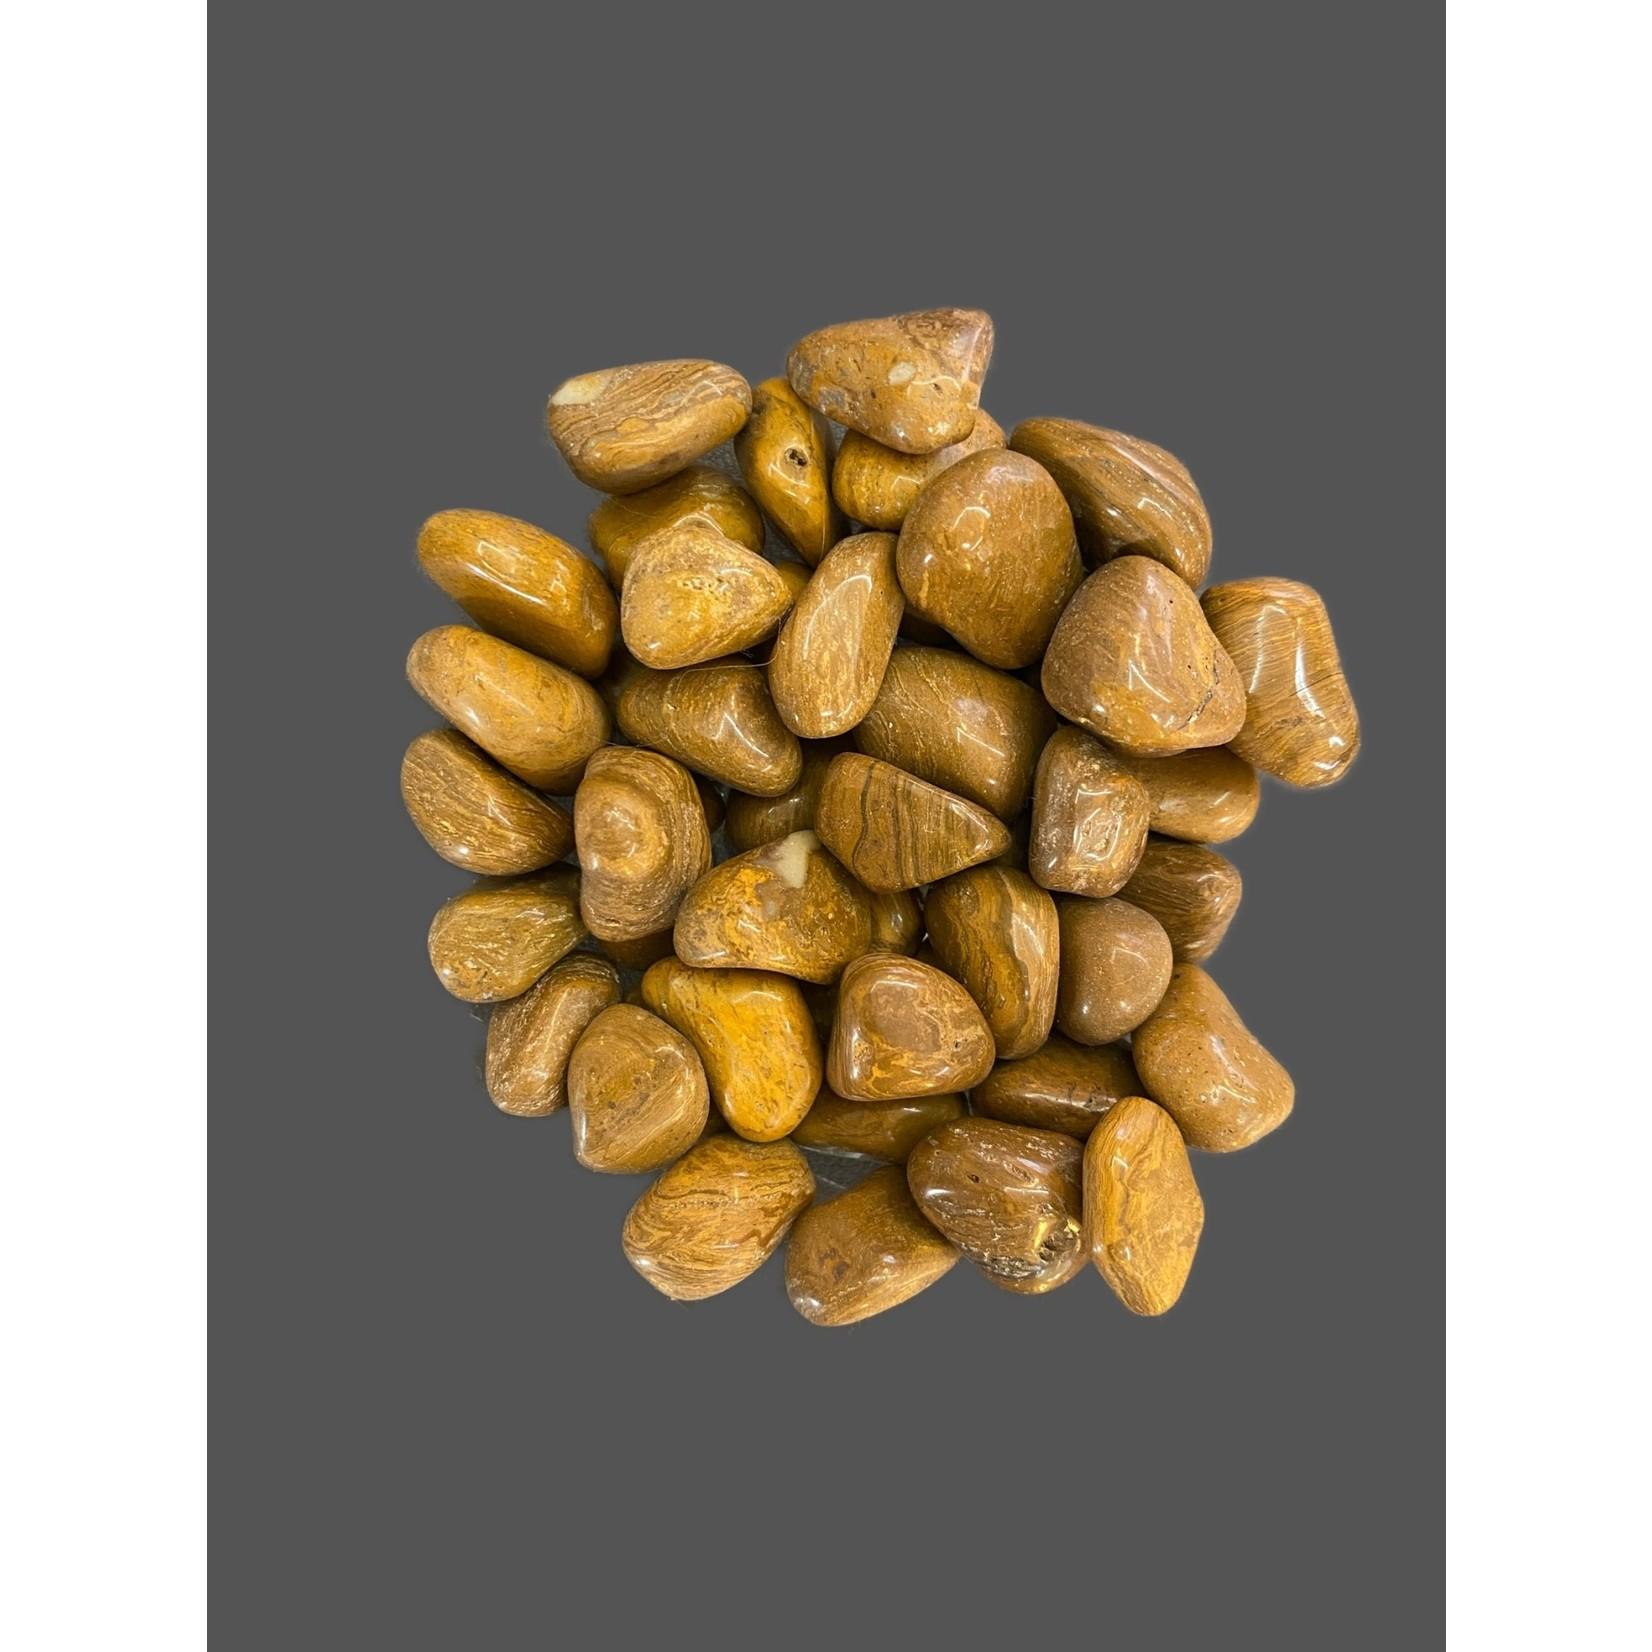 Rodados jaspe marrón